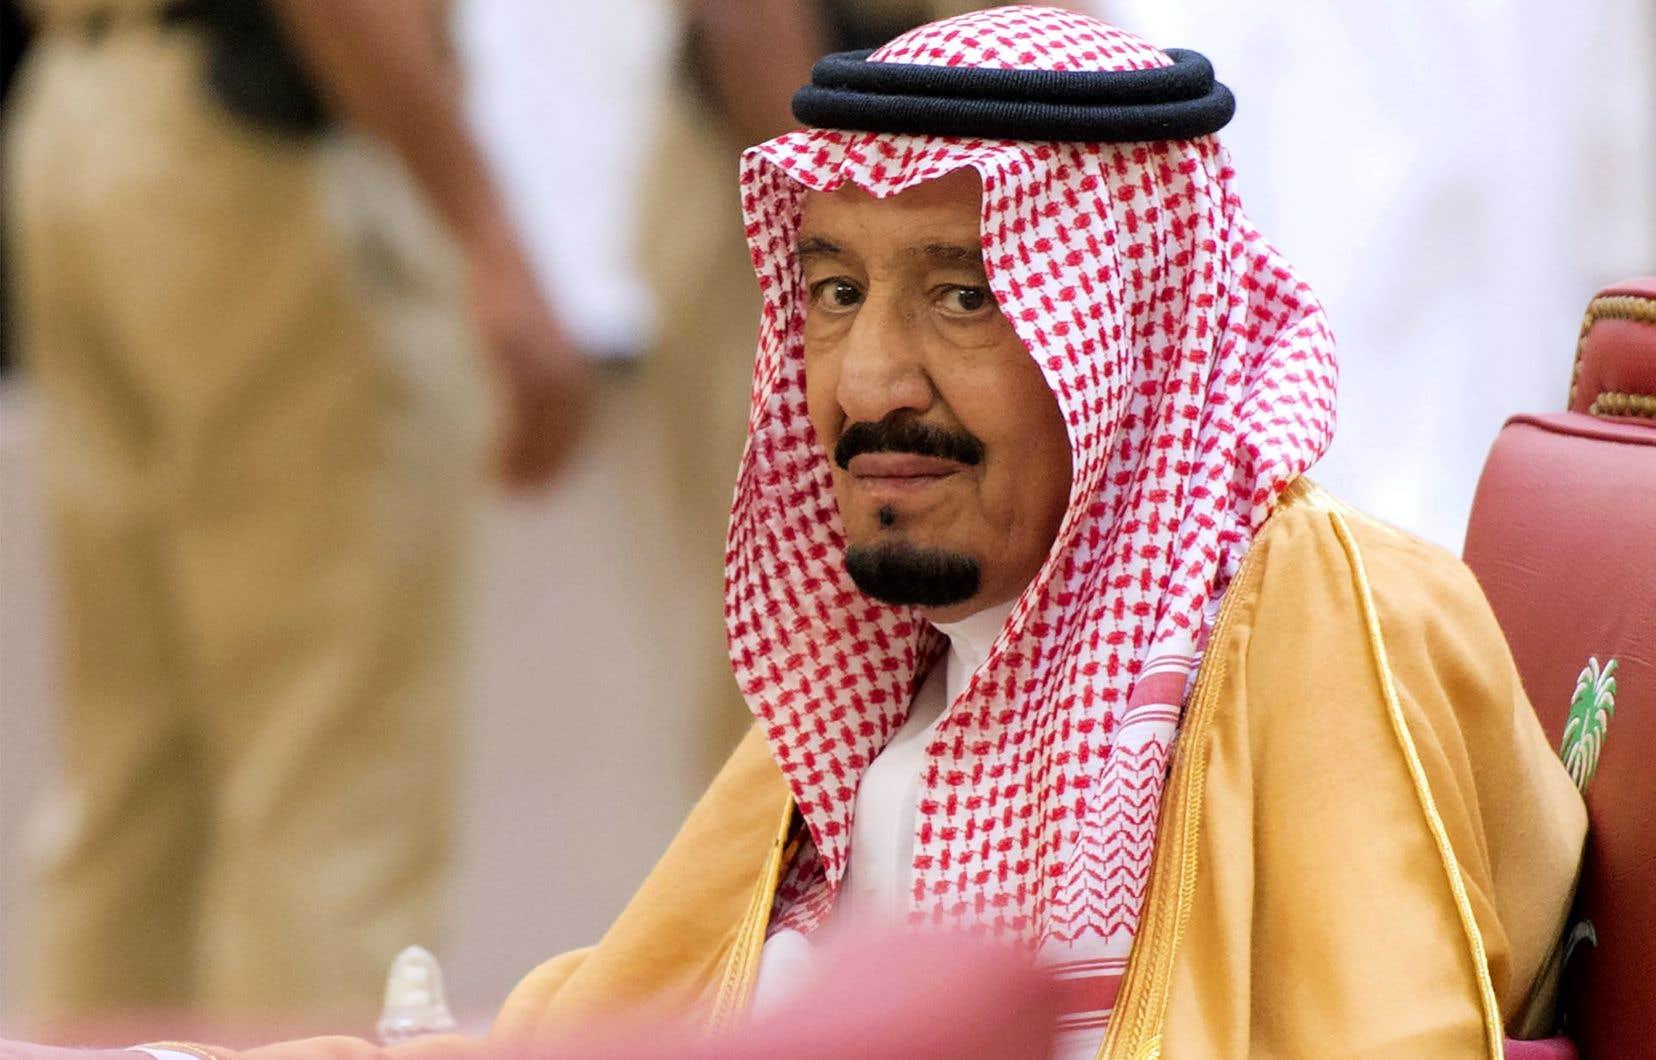 «L'Arabie saoudite annonce un don de 150 millions de dollars pour soutenir l'administration des biens islamiques de Jérusalem», a annoncé le roi Salmane.